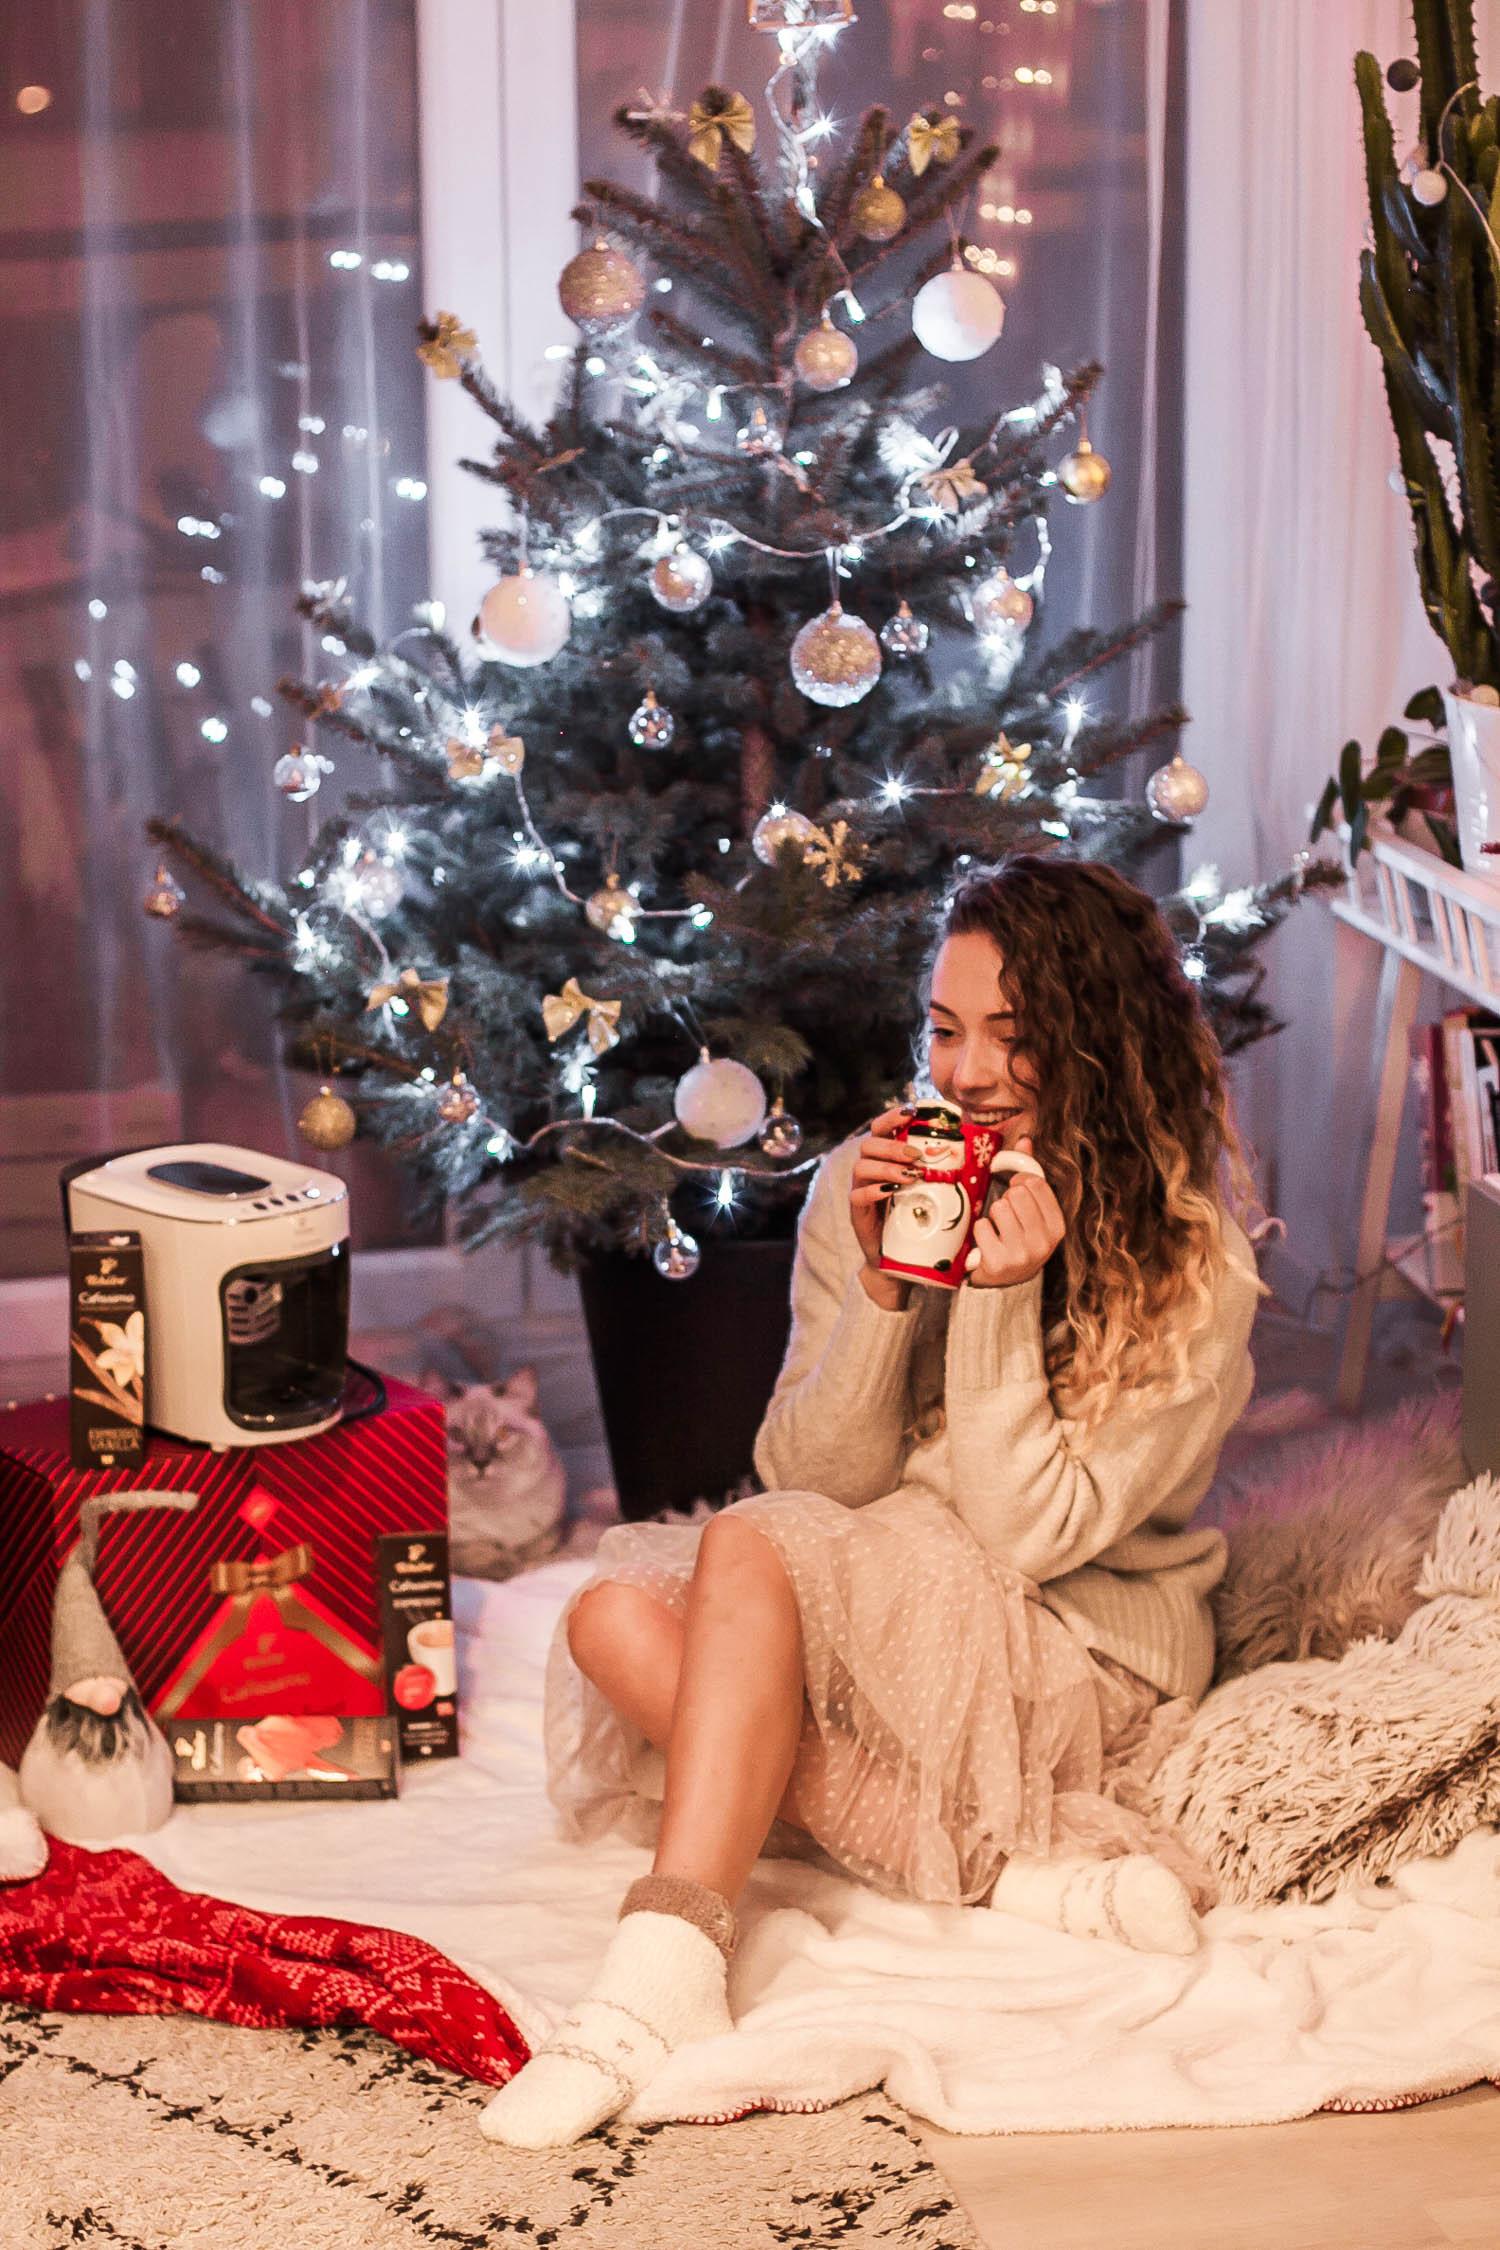 ekspres tchibo zestaw świąteczny